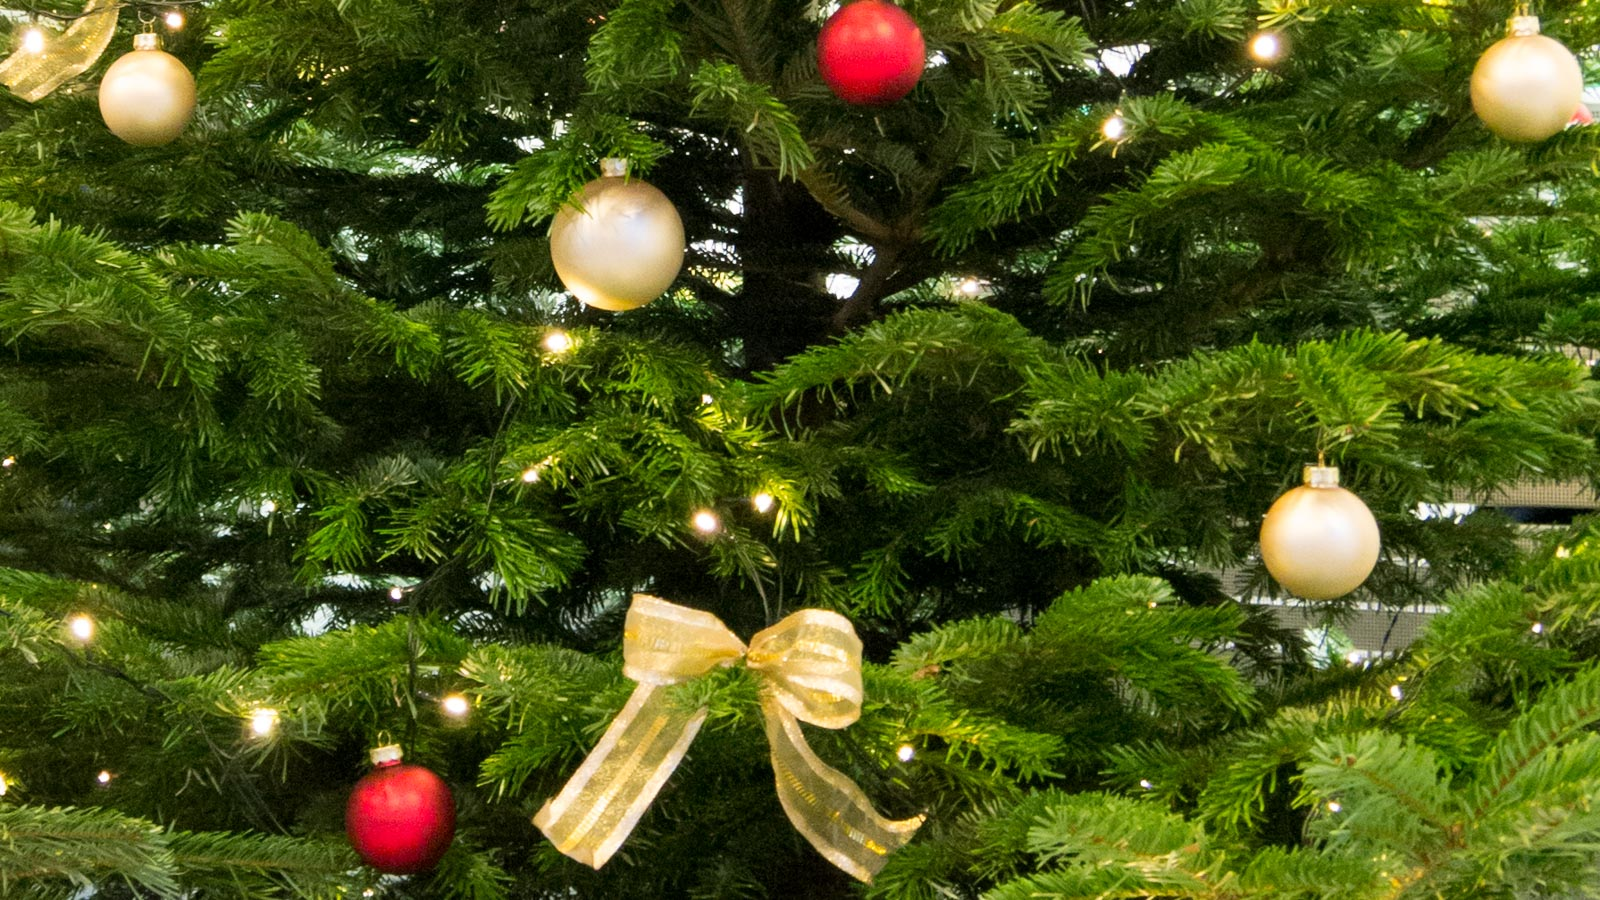 Nahaufnahme eines geschmückten Christbaums